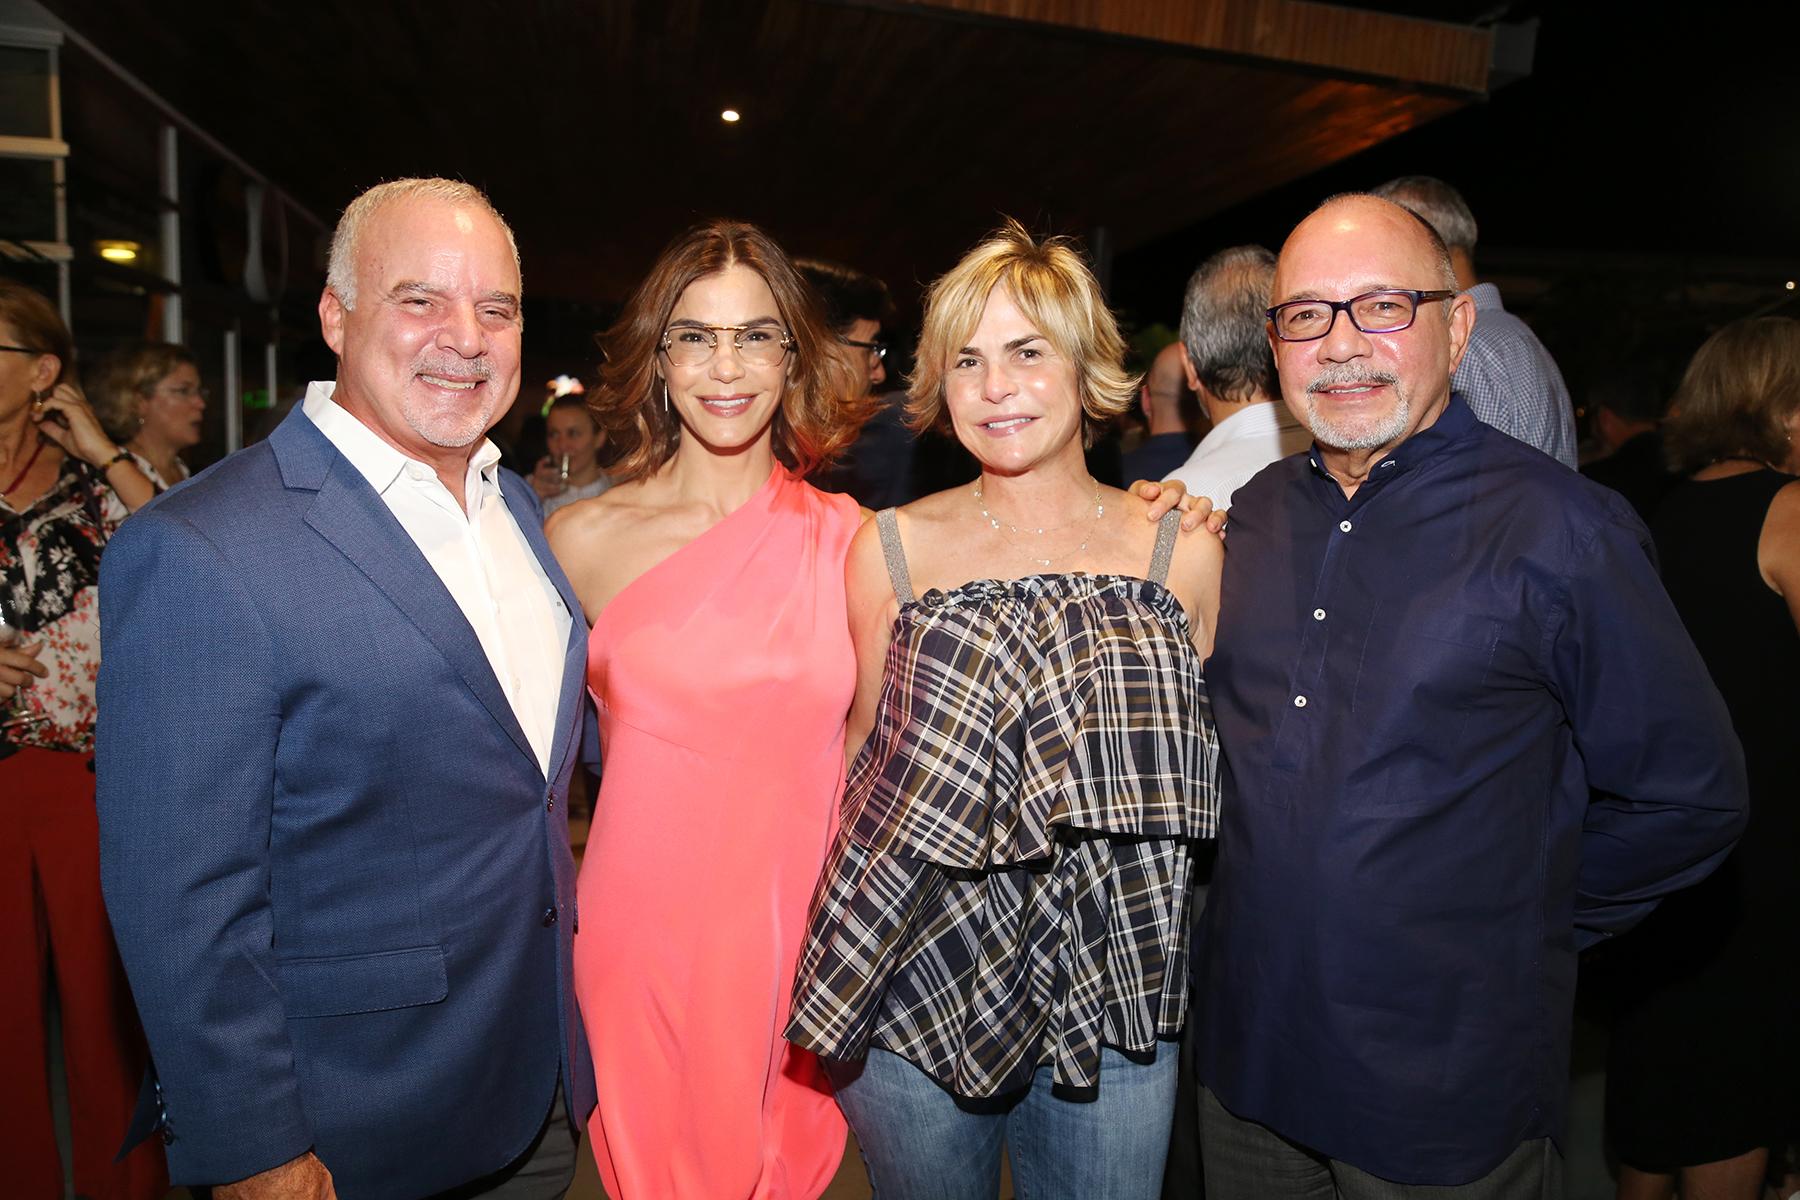 Juan Guillermo Herráns, Loren y María Luisa Ferré Rangel junto con Jorge Marchand. (Foto: Nichole Saldarriaga)